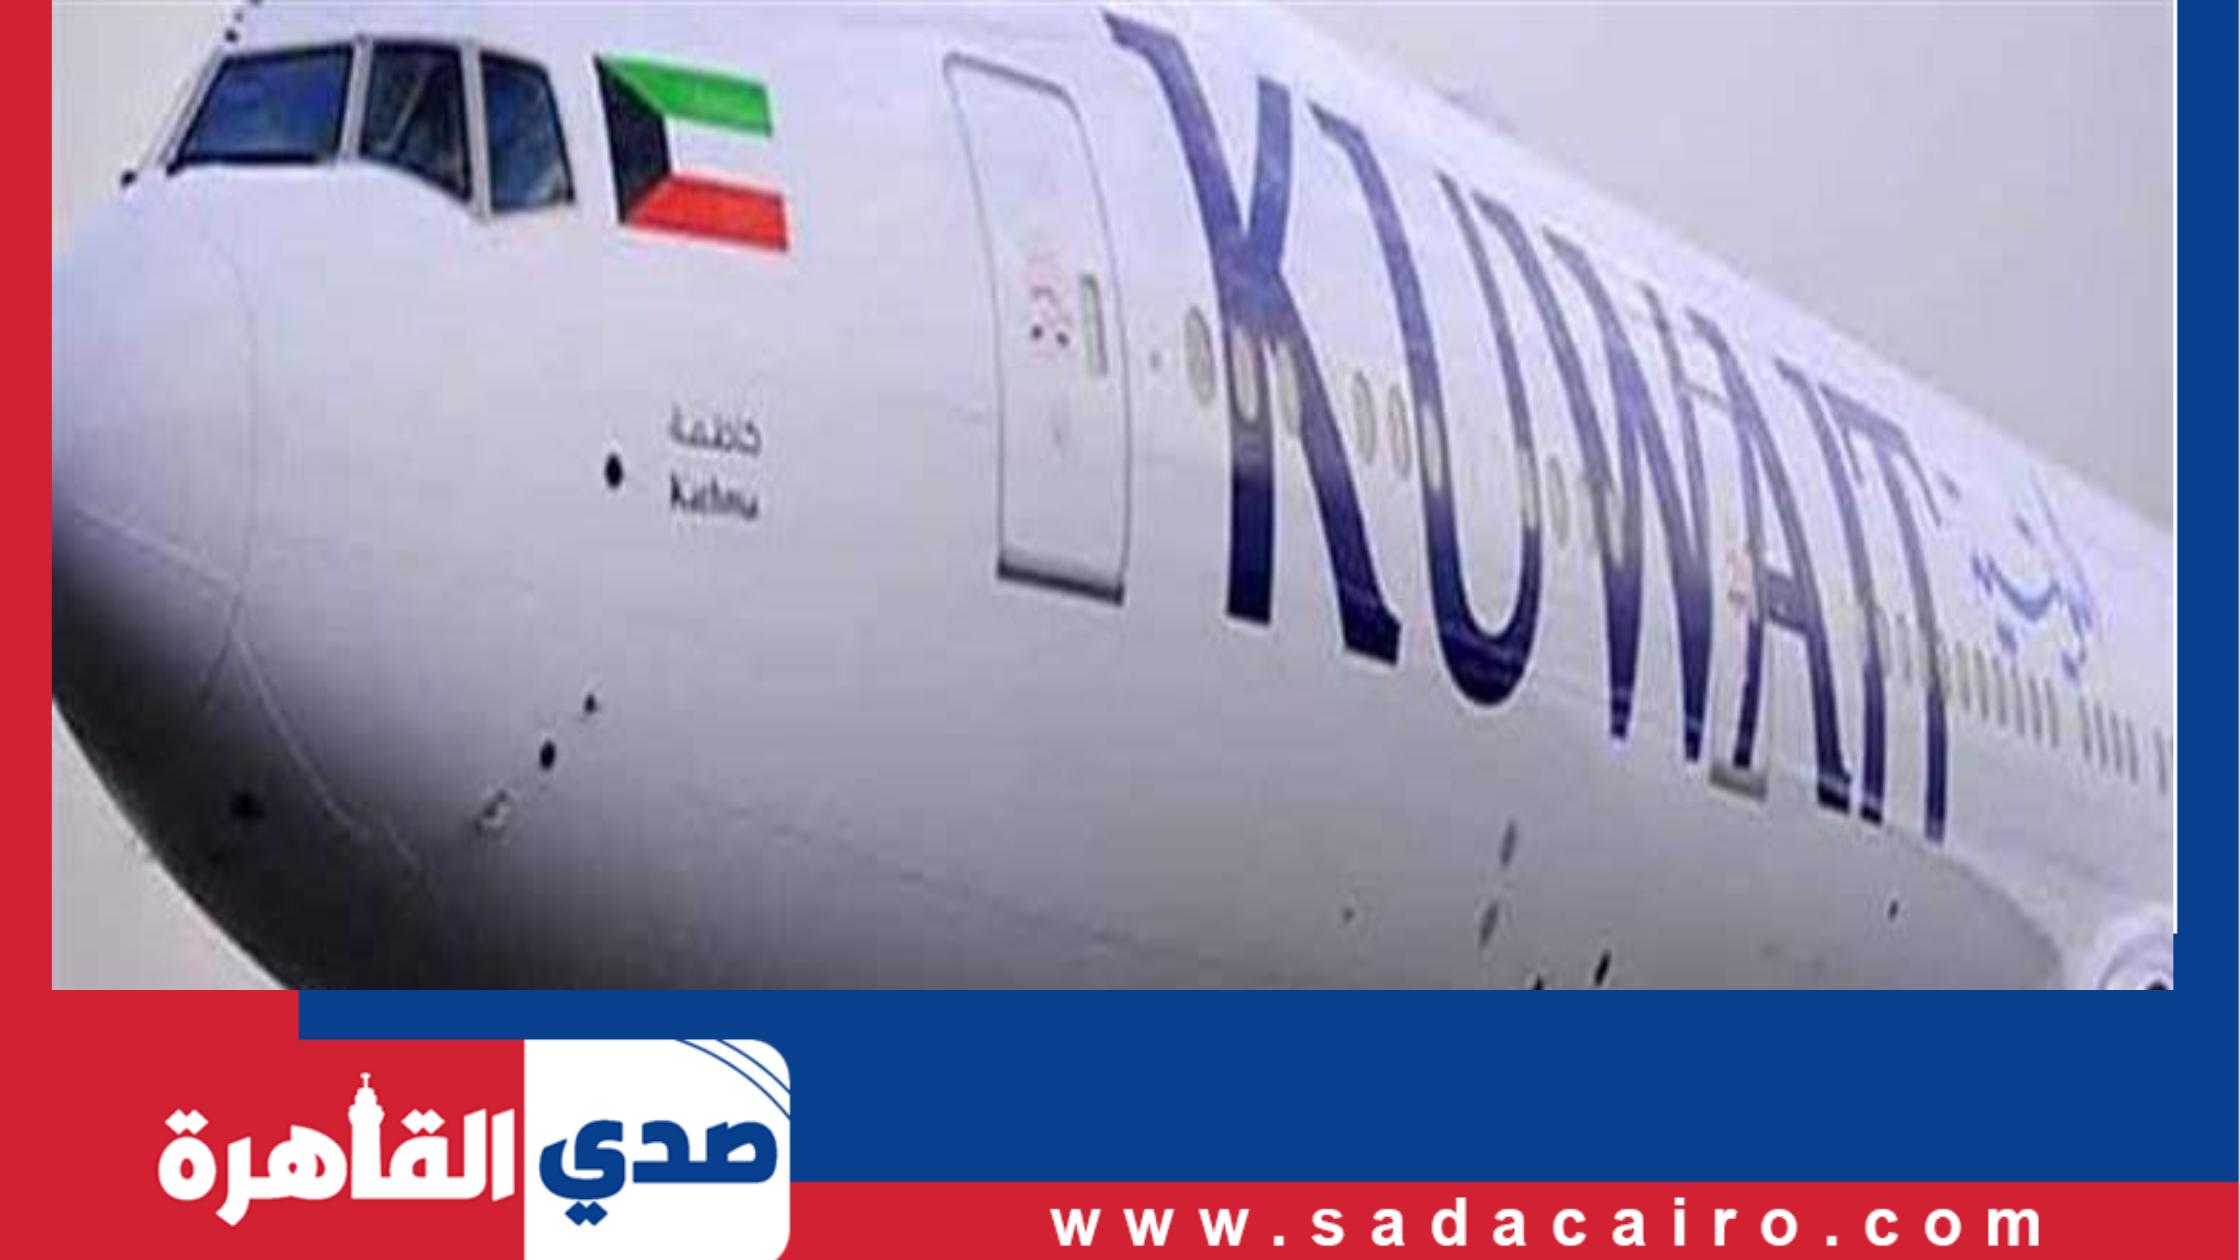 قرار الكويت بشأن حظر الطيران مع 31 دولة يسبب أزمة خطيرة